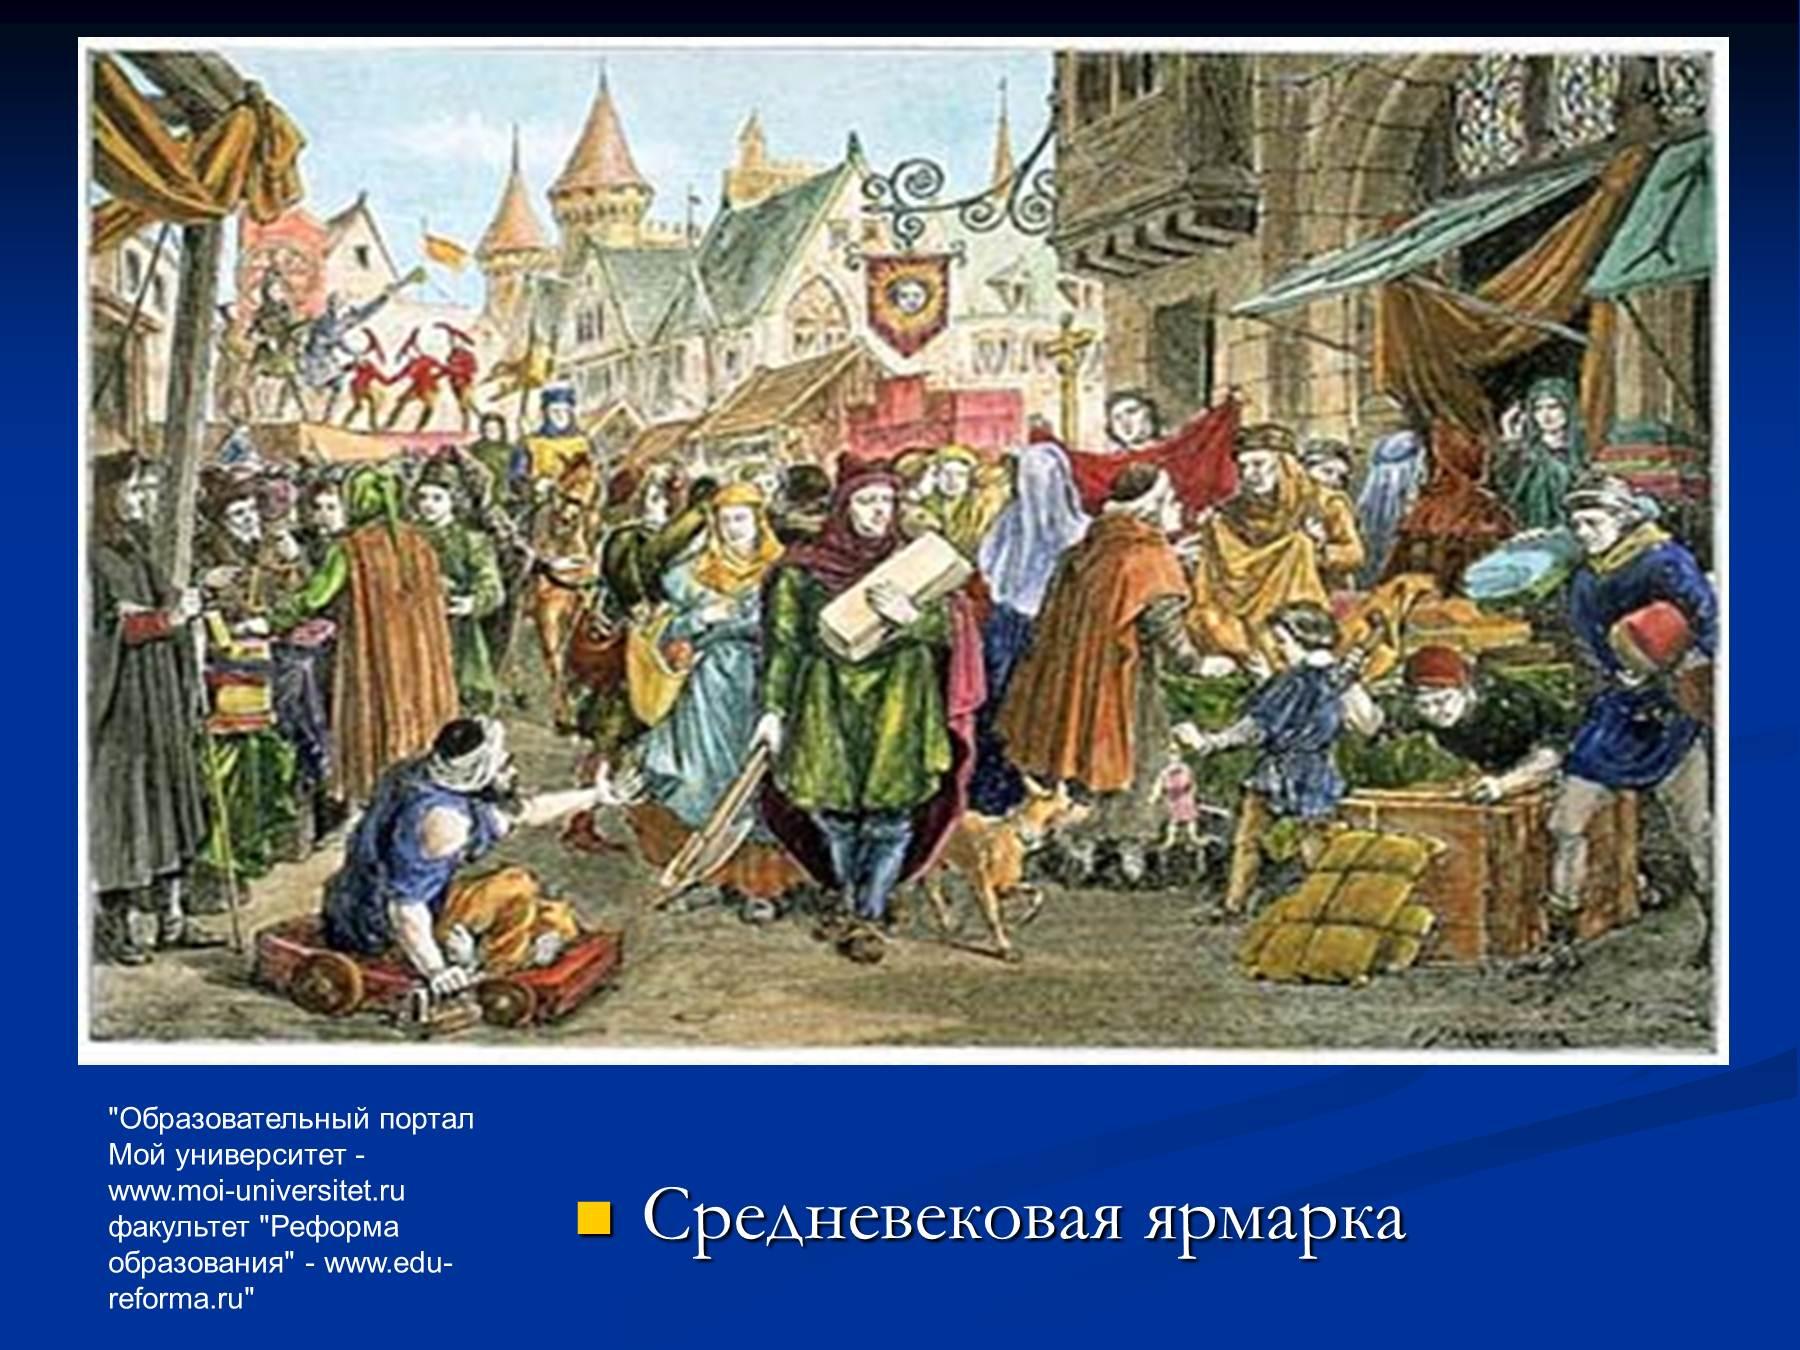 картинки средневековый город и его жители приятный красивый